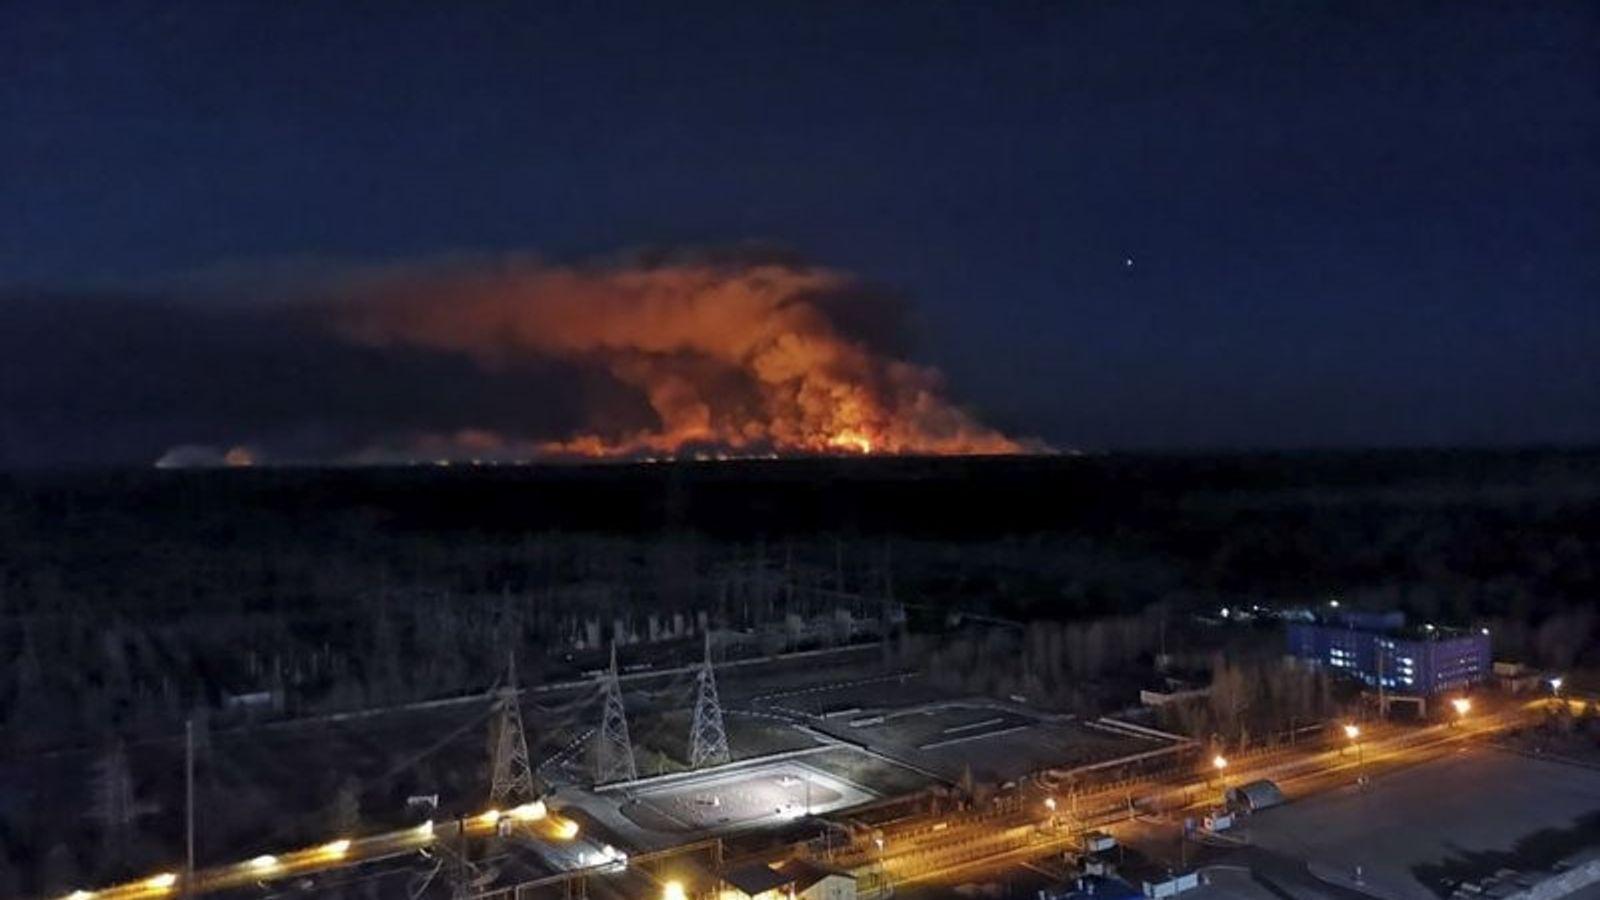 Aunque las autoridades afirman que el incendio ya está bajo control, aún quedan focos que podrían ...